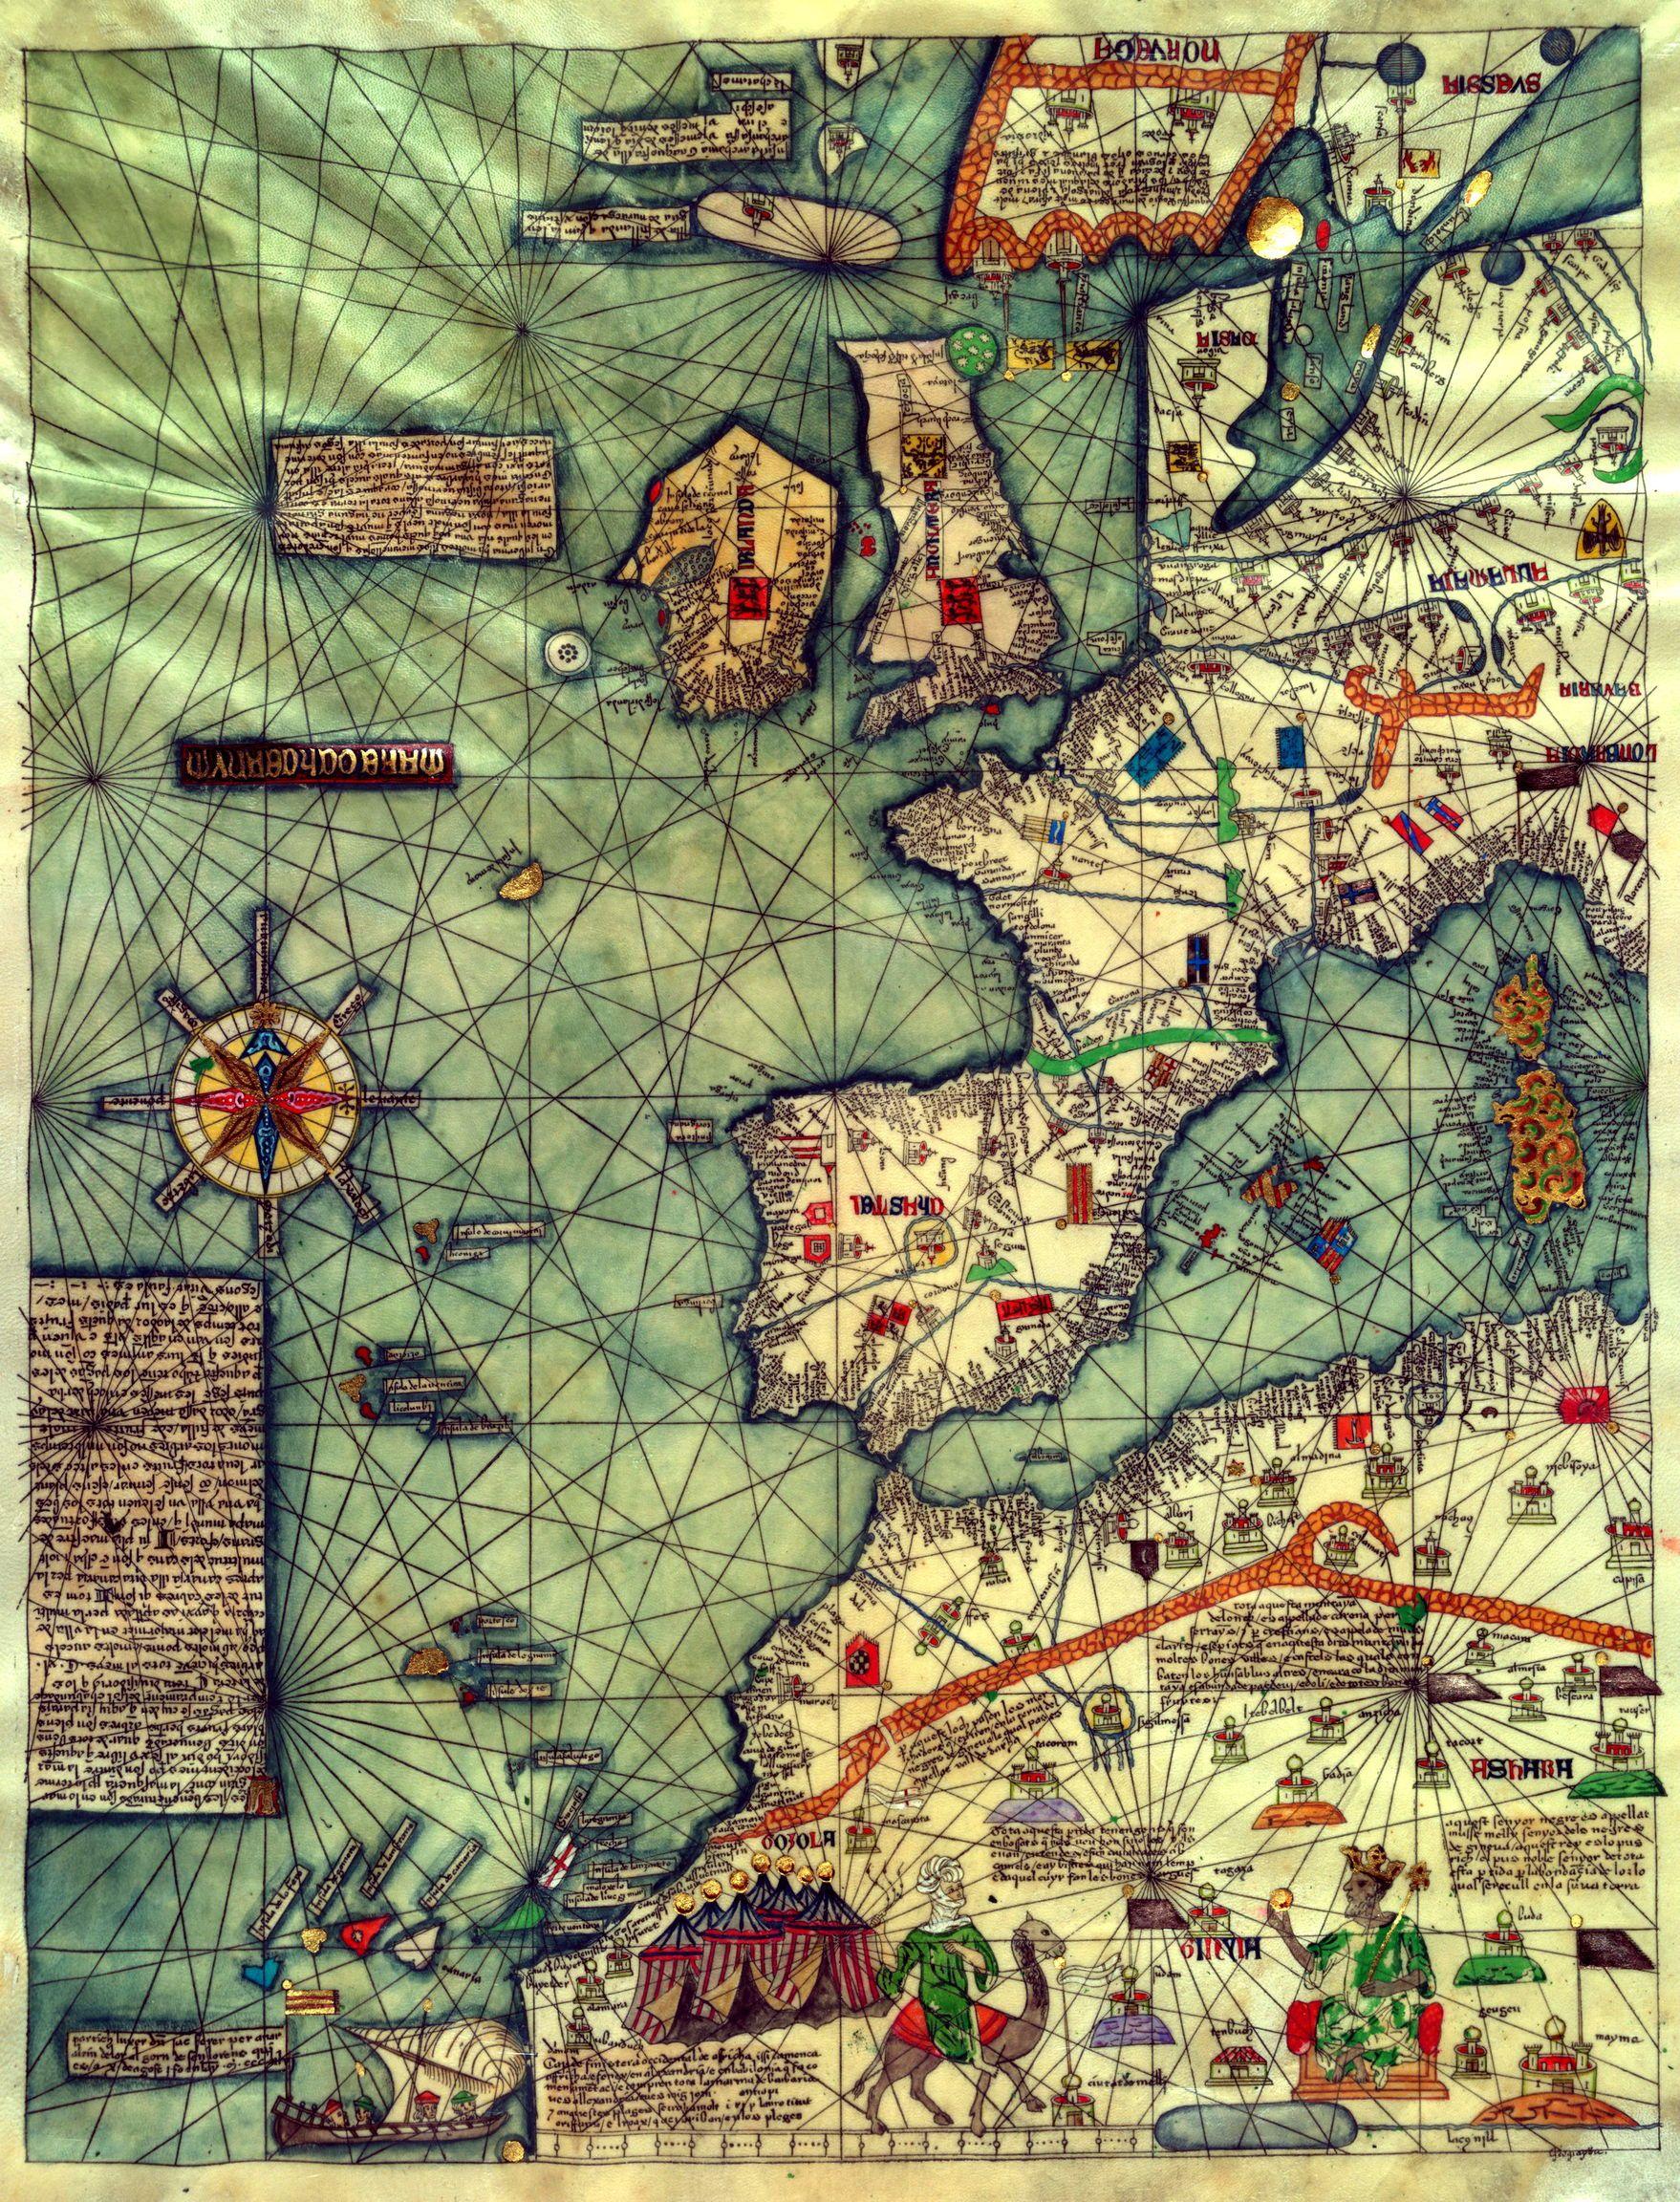 Каталонский атлас, 1375. Постер с картой мира, Карта